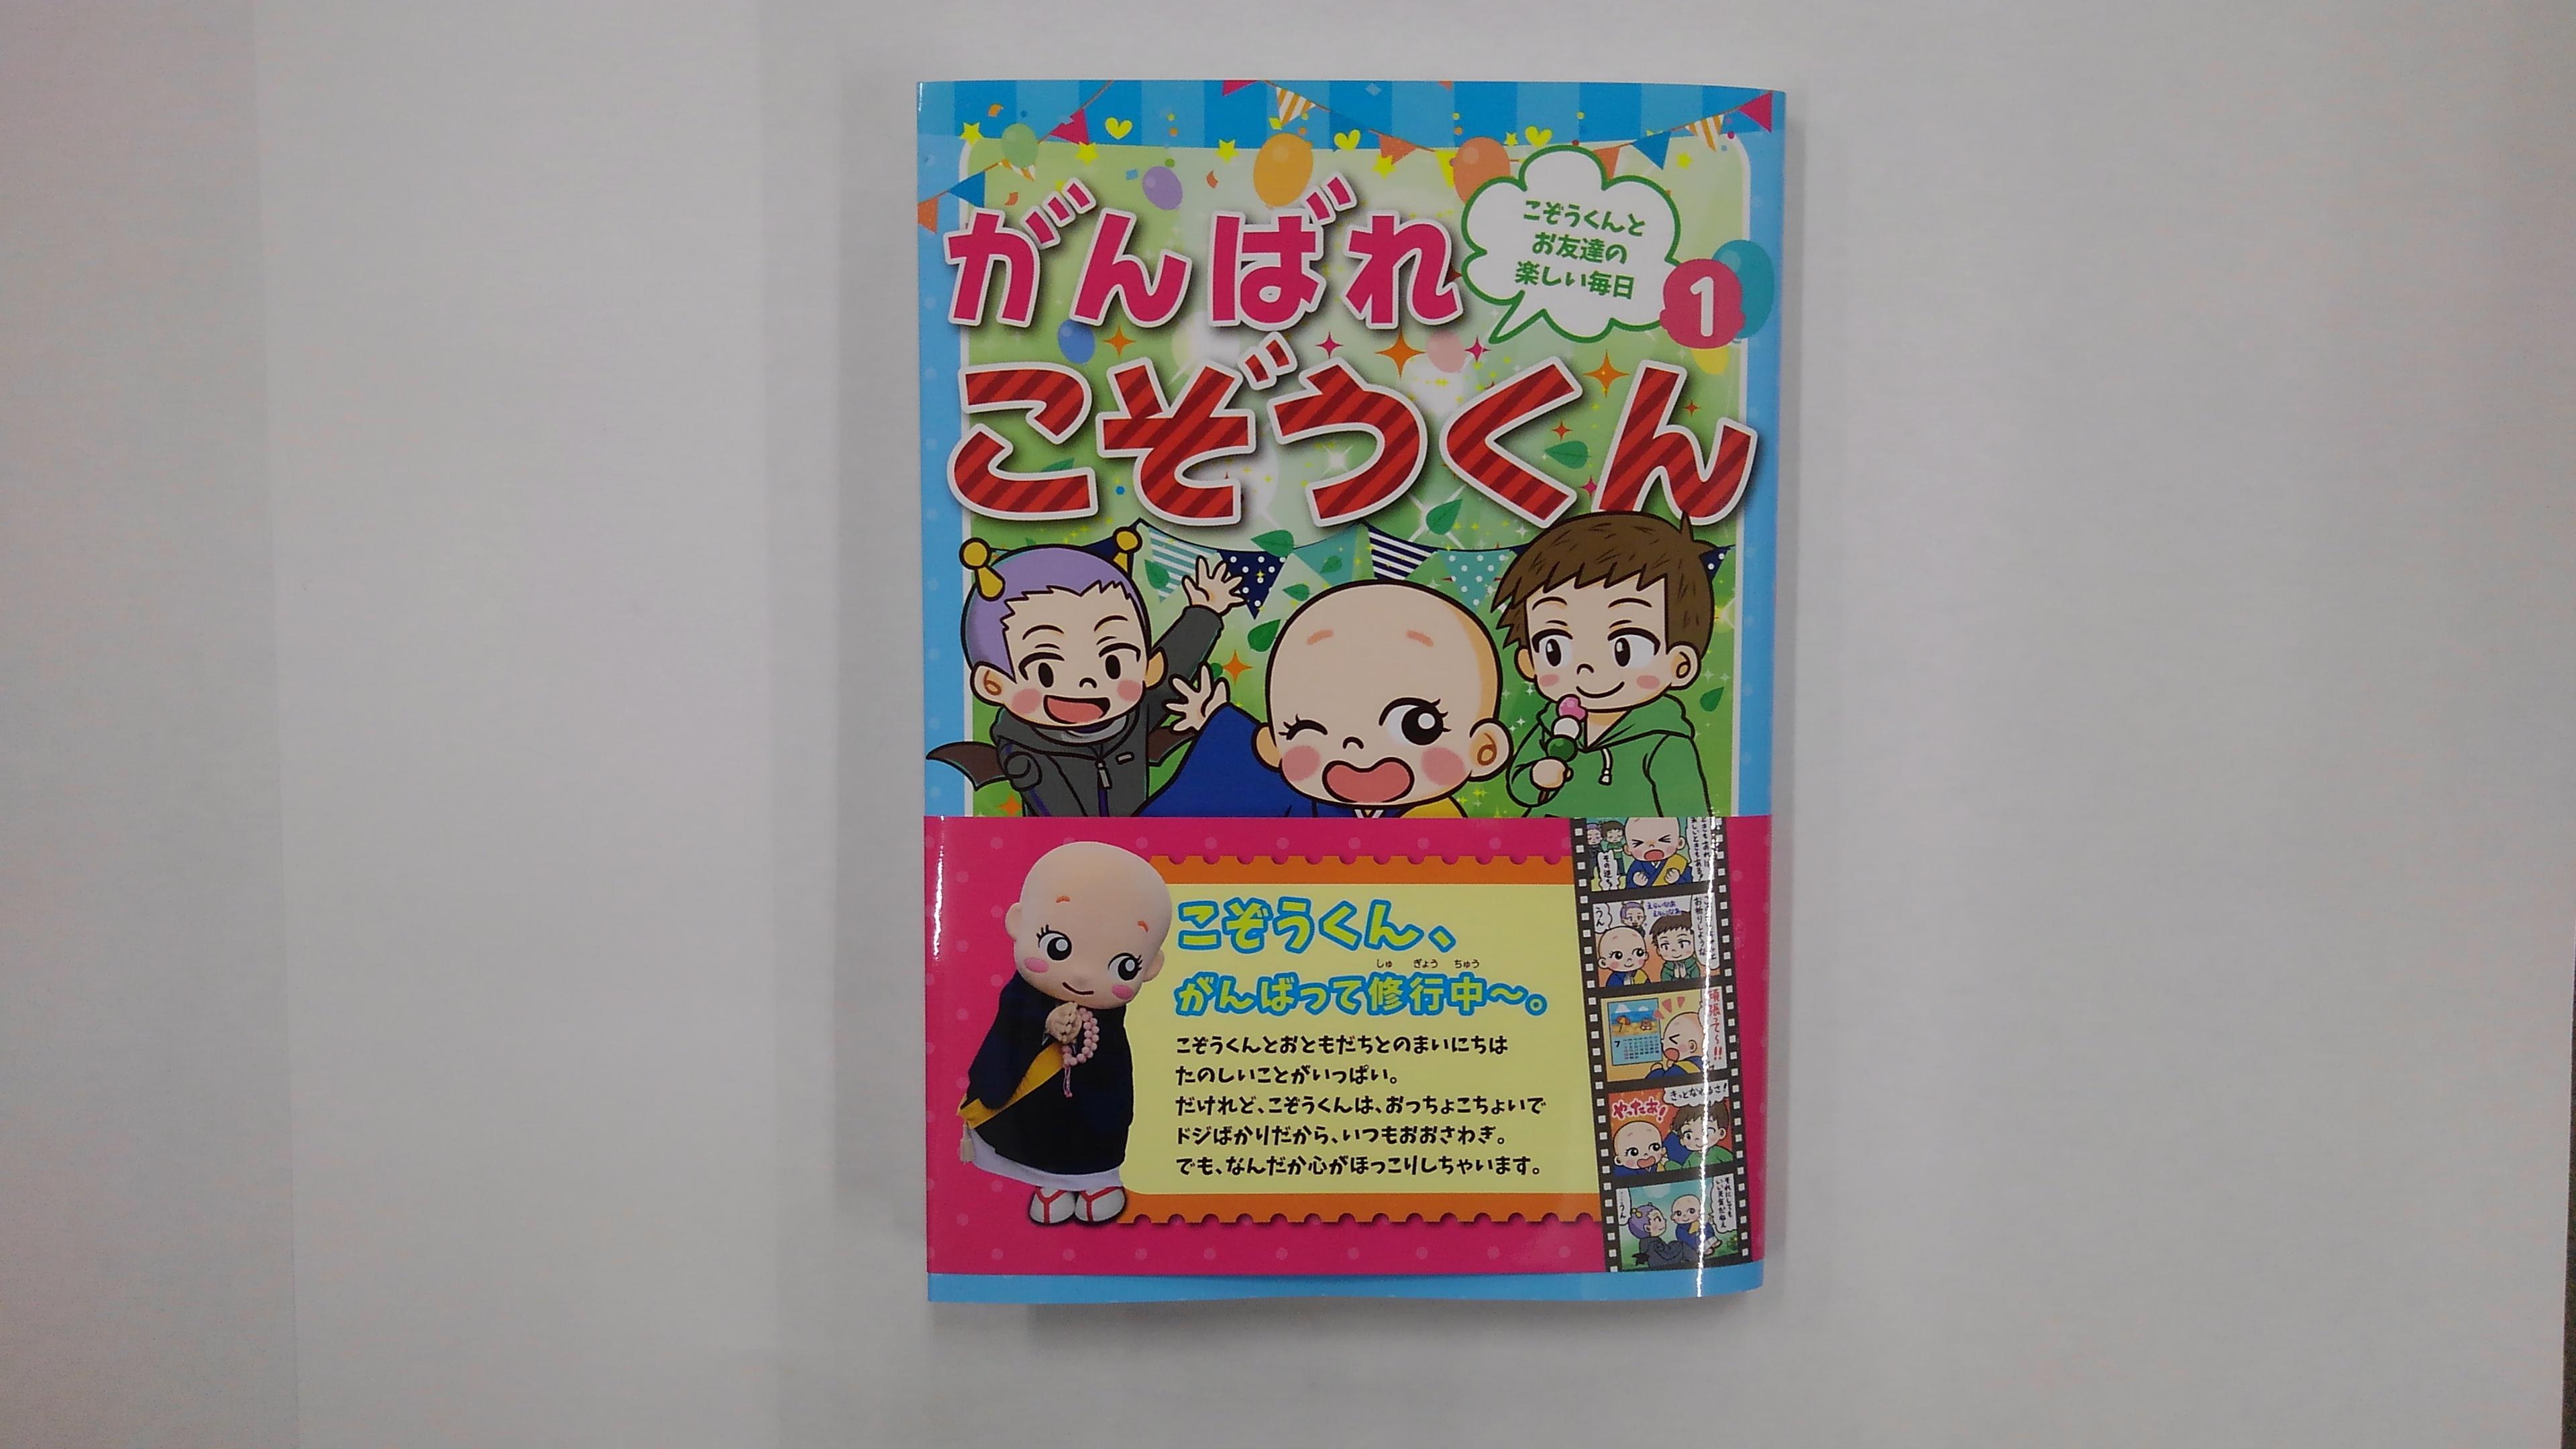 漫画「がんばれこぞうくん」第1巻